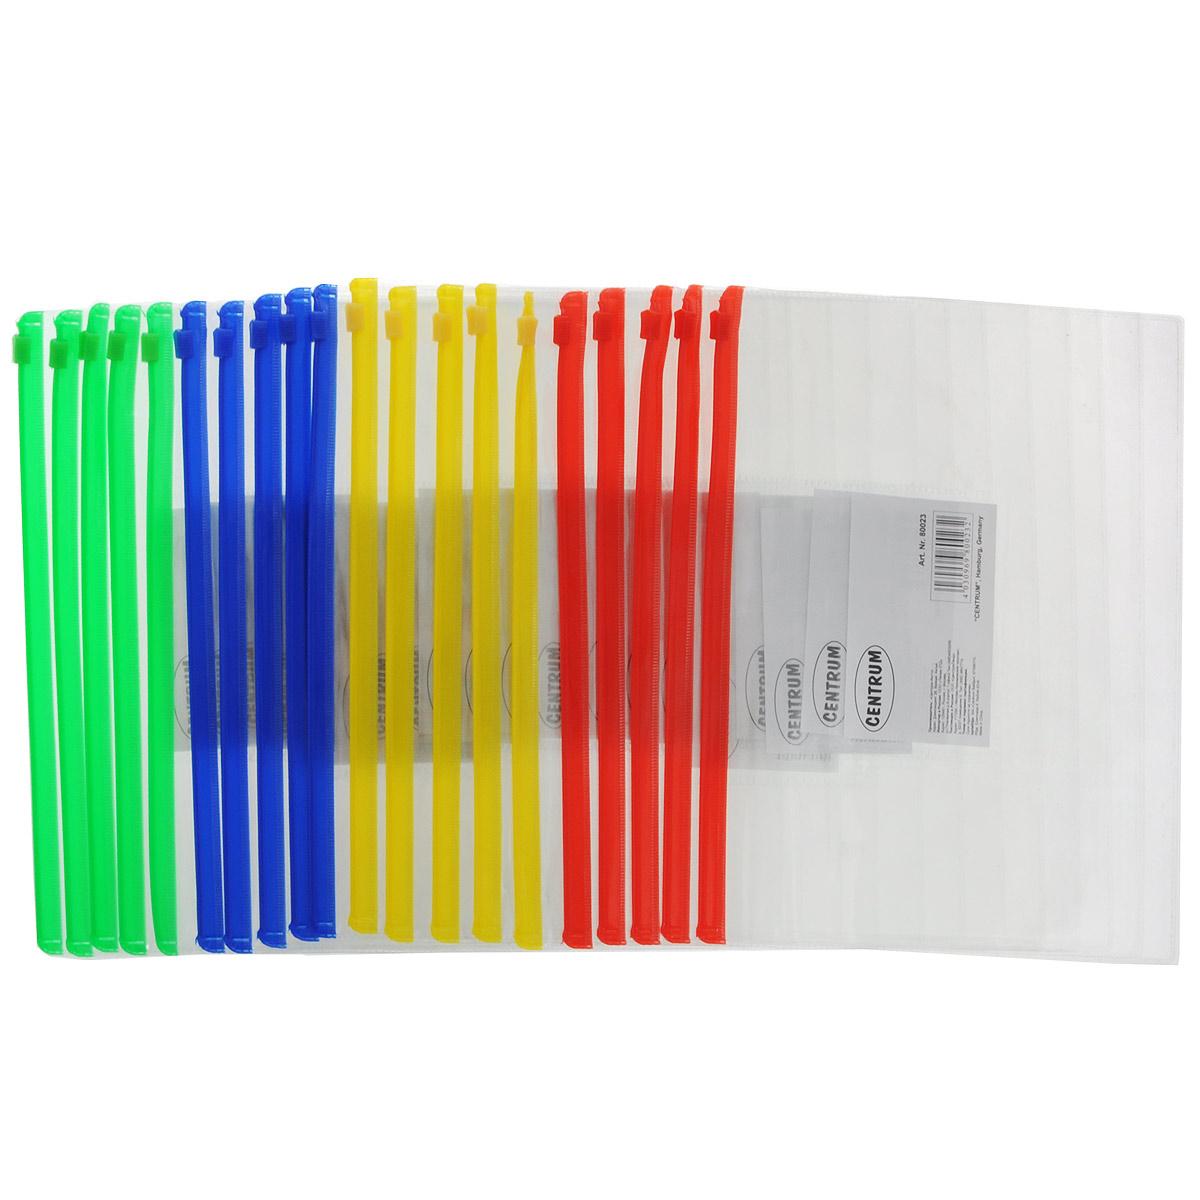 Папка-конверт на молнии Centrum, прозрачная, цвет: зеленый, красный, желтый, синий, формат А5, 20 штCF903P-03Папка-конверт на молнии Centrum - это удобный и функциональный офисный инструмент, предназначенный для хранения и транспортировки рабочих бумаг и документов формата А5.Она изготовлена из прозрачного глянцевого пластика, имеет практичную застежку-молнию и имеет прозрачный боковой карман. В комплект входят 20 папок формата A5. Папка-конверт - это незаменимый атрибут для студента, школьника, офисного работника. Такая папка надежно сохранит ваши документы и сбережет их от повреждений, пыли и влаги.